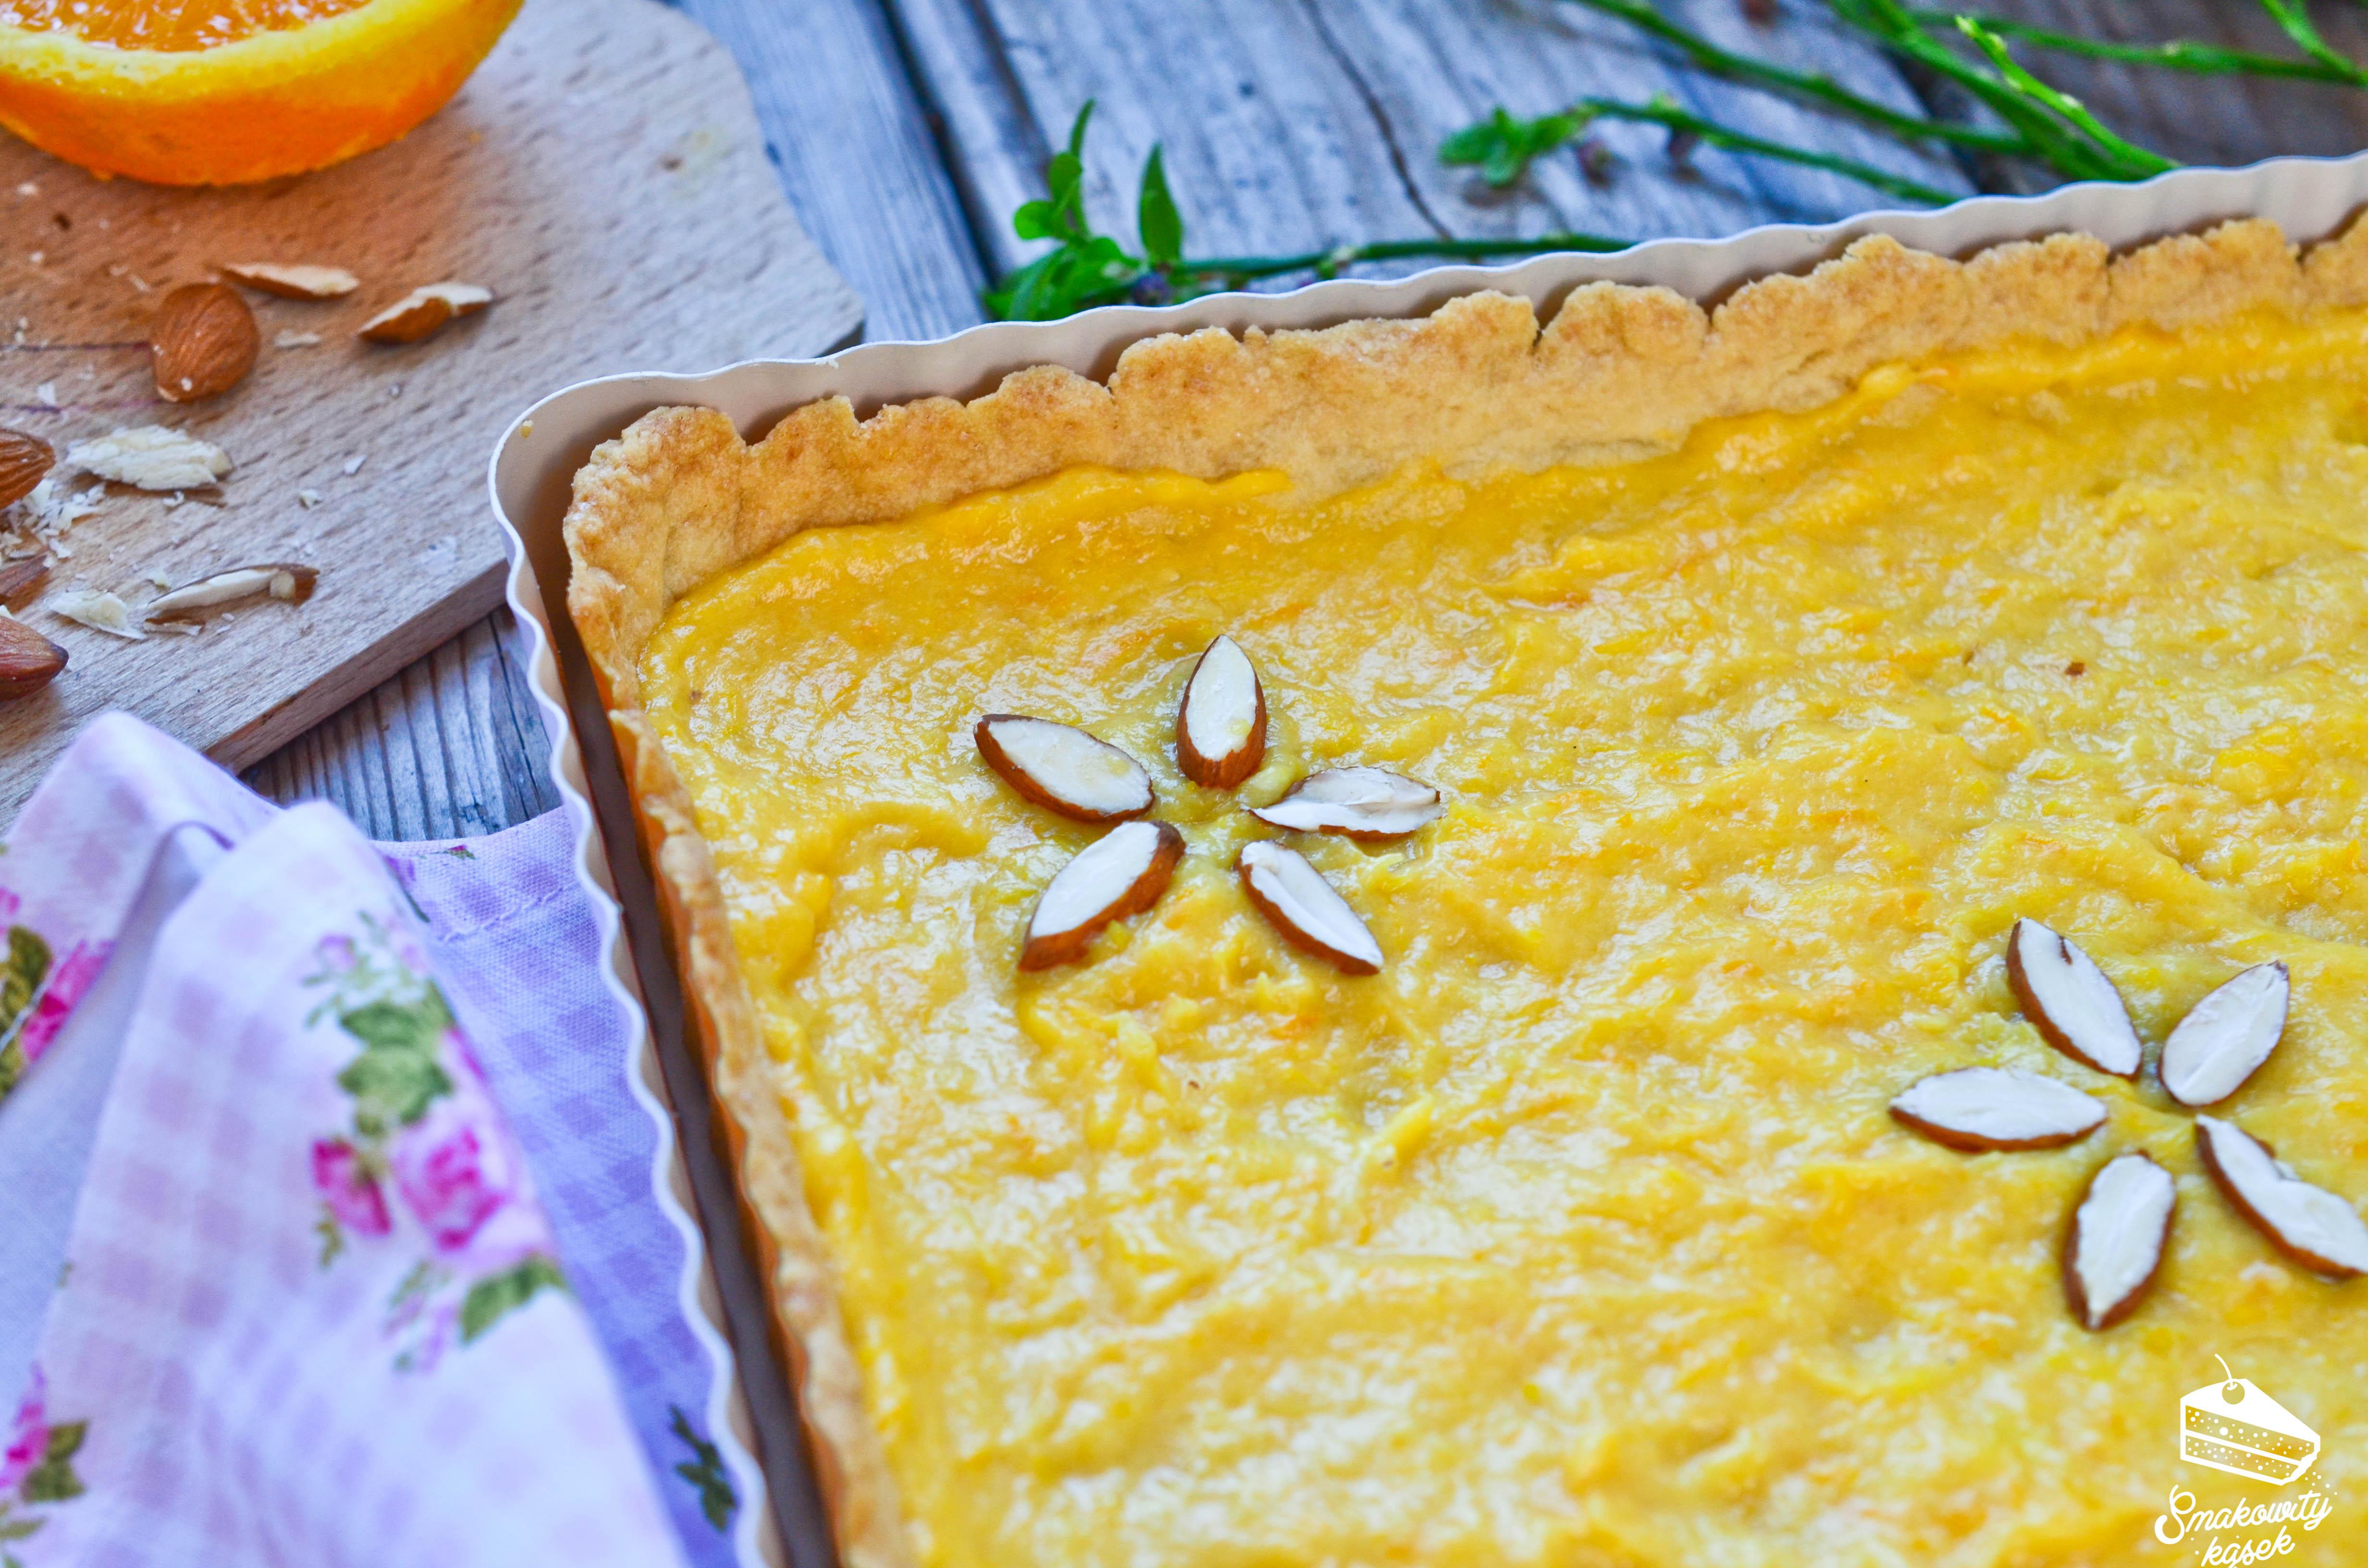 mazurek pomarańczowy (1 of 1)-6